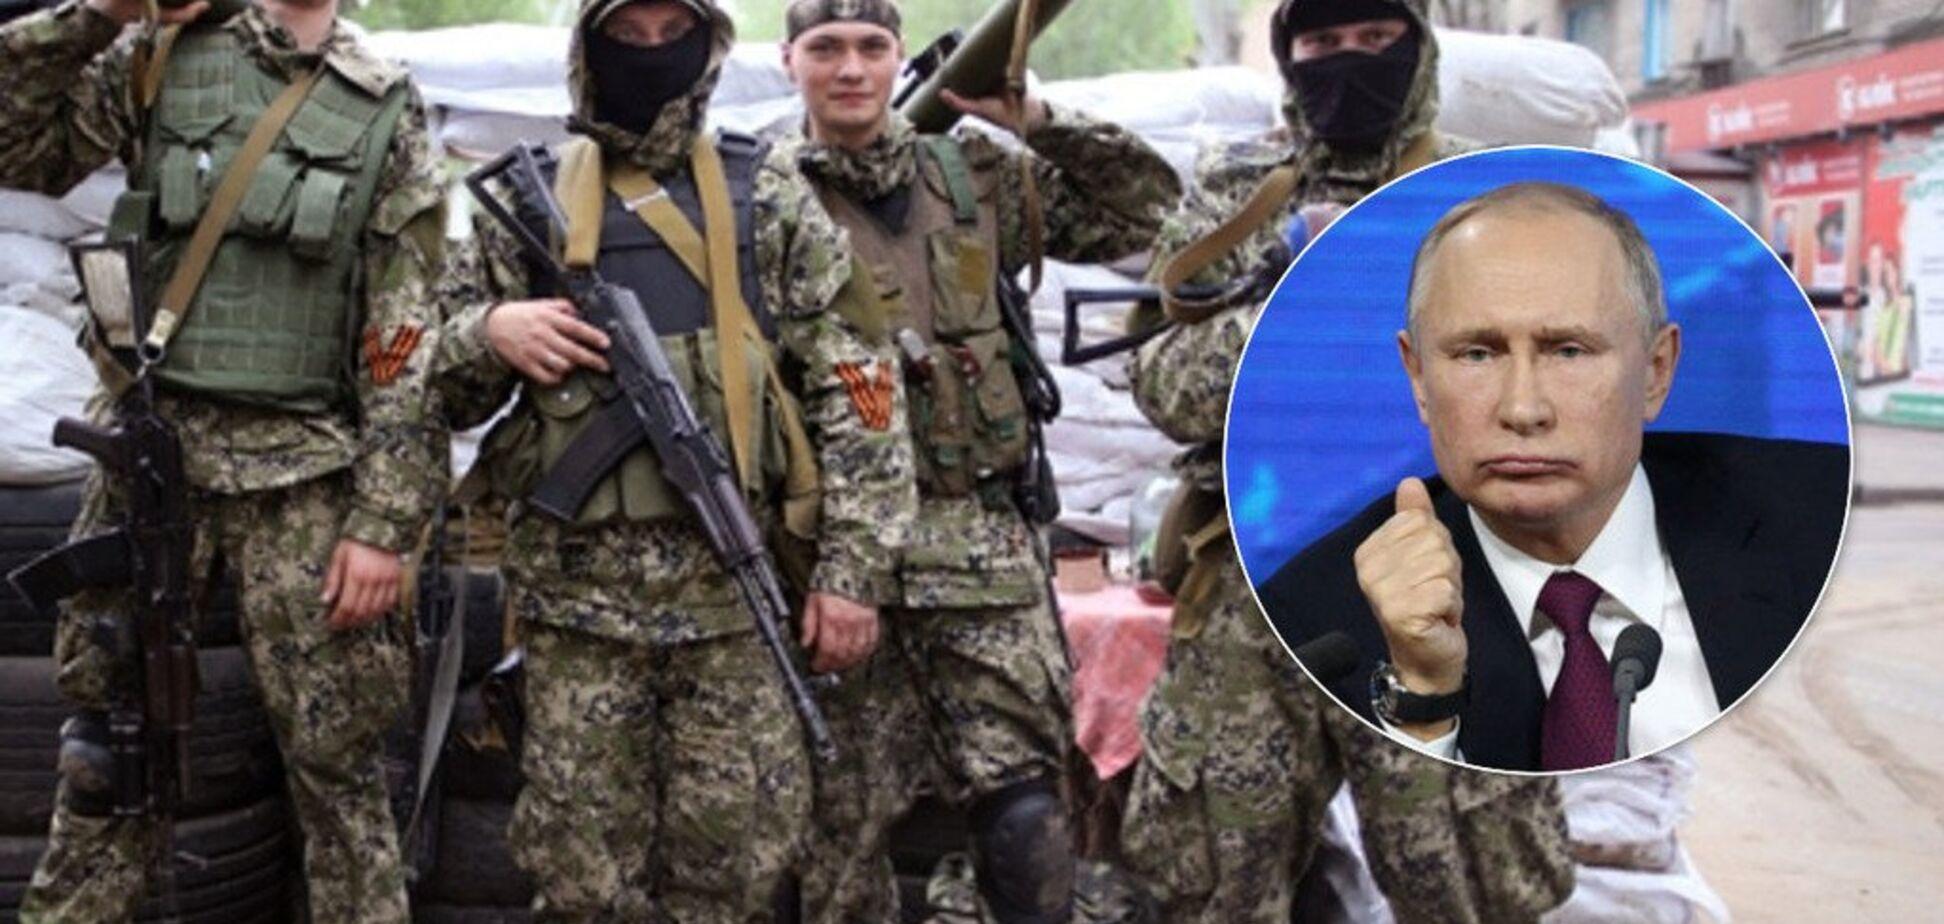 Путин на 'передке': в сети высмеяли очередной 'прорыв' в 'ДНР'